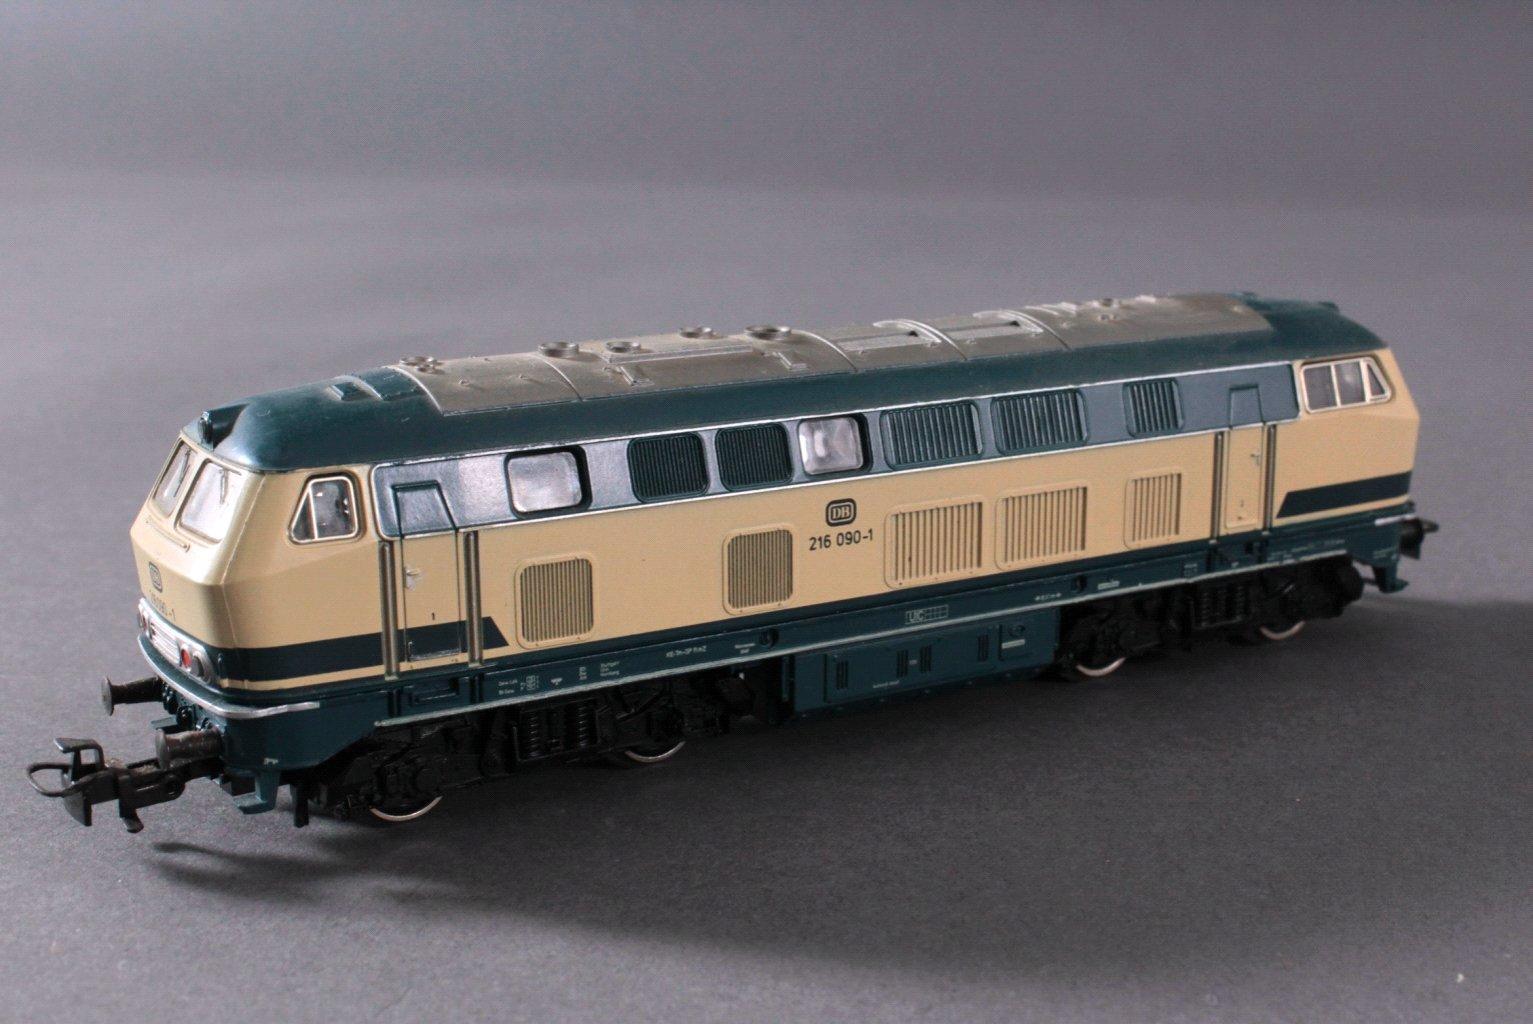 Märklin H0 3071 E-Lok BR 216 090-1 DB in beige/grün mit